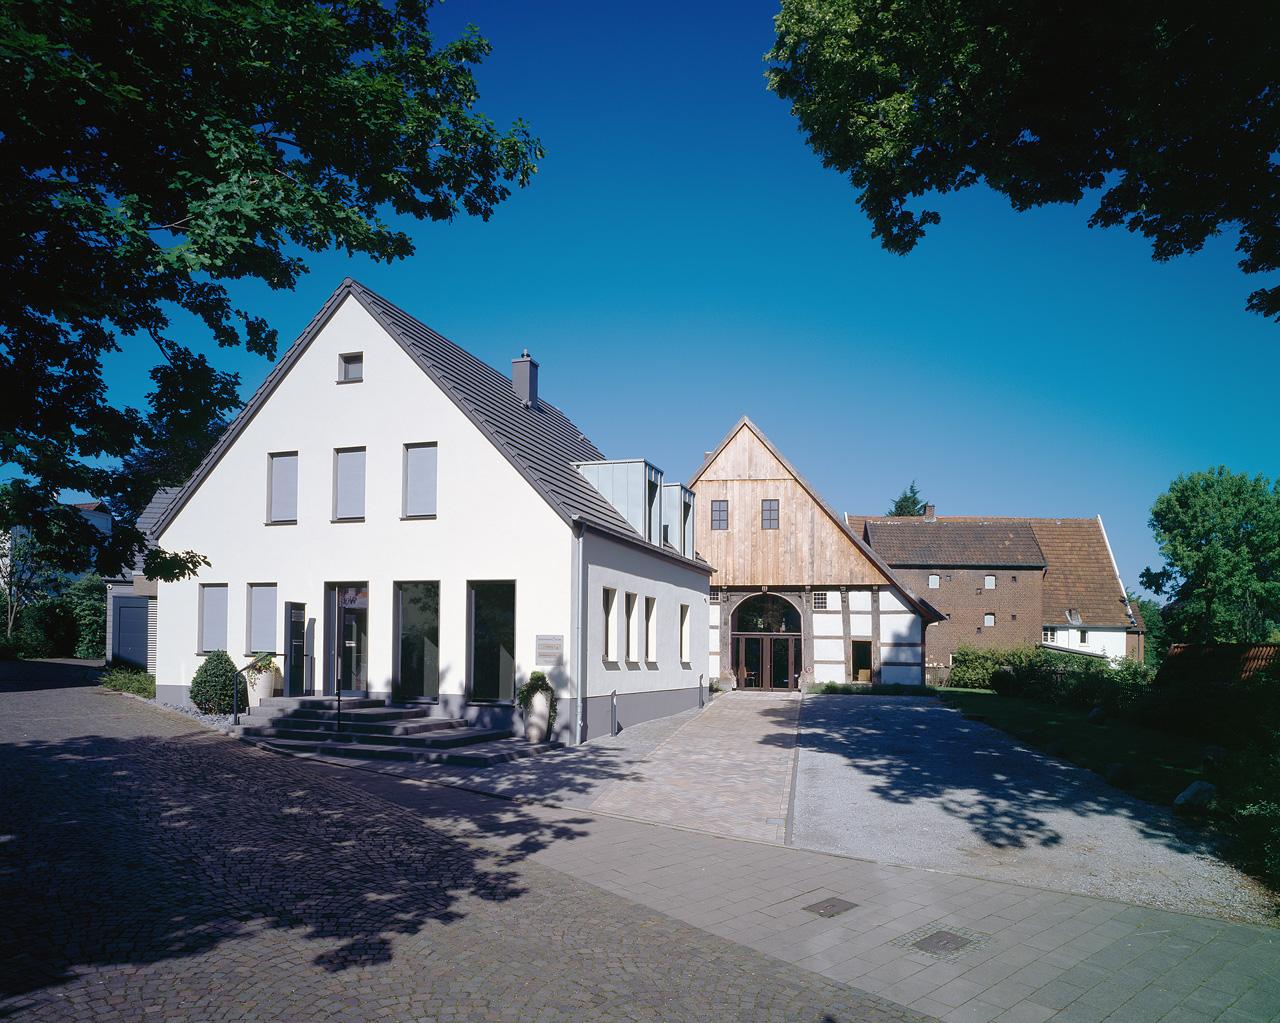 bestattungshaus-stift-bielefeld-gesamt